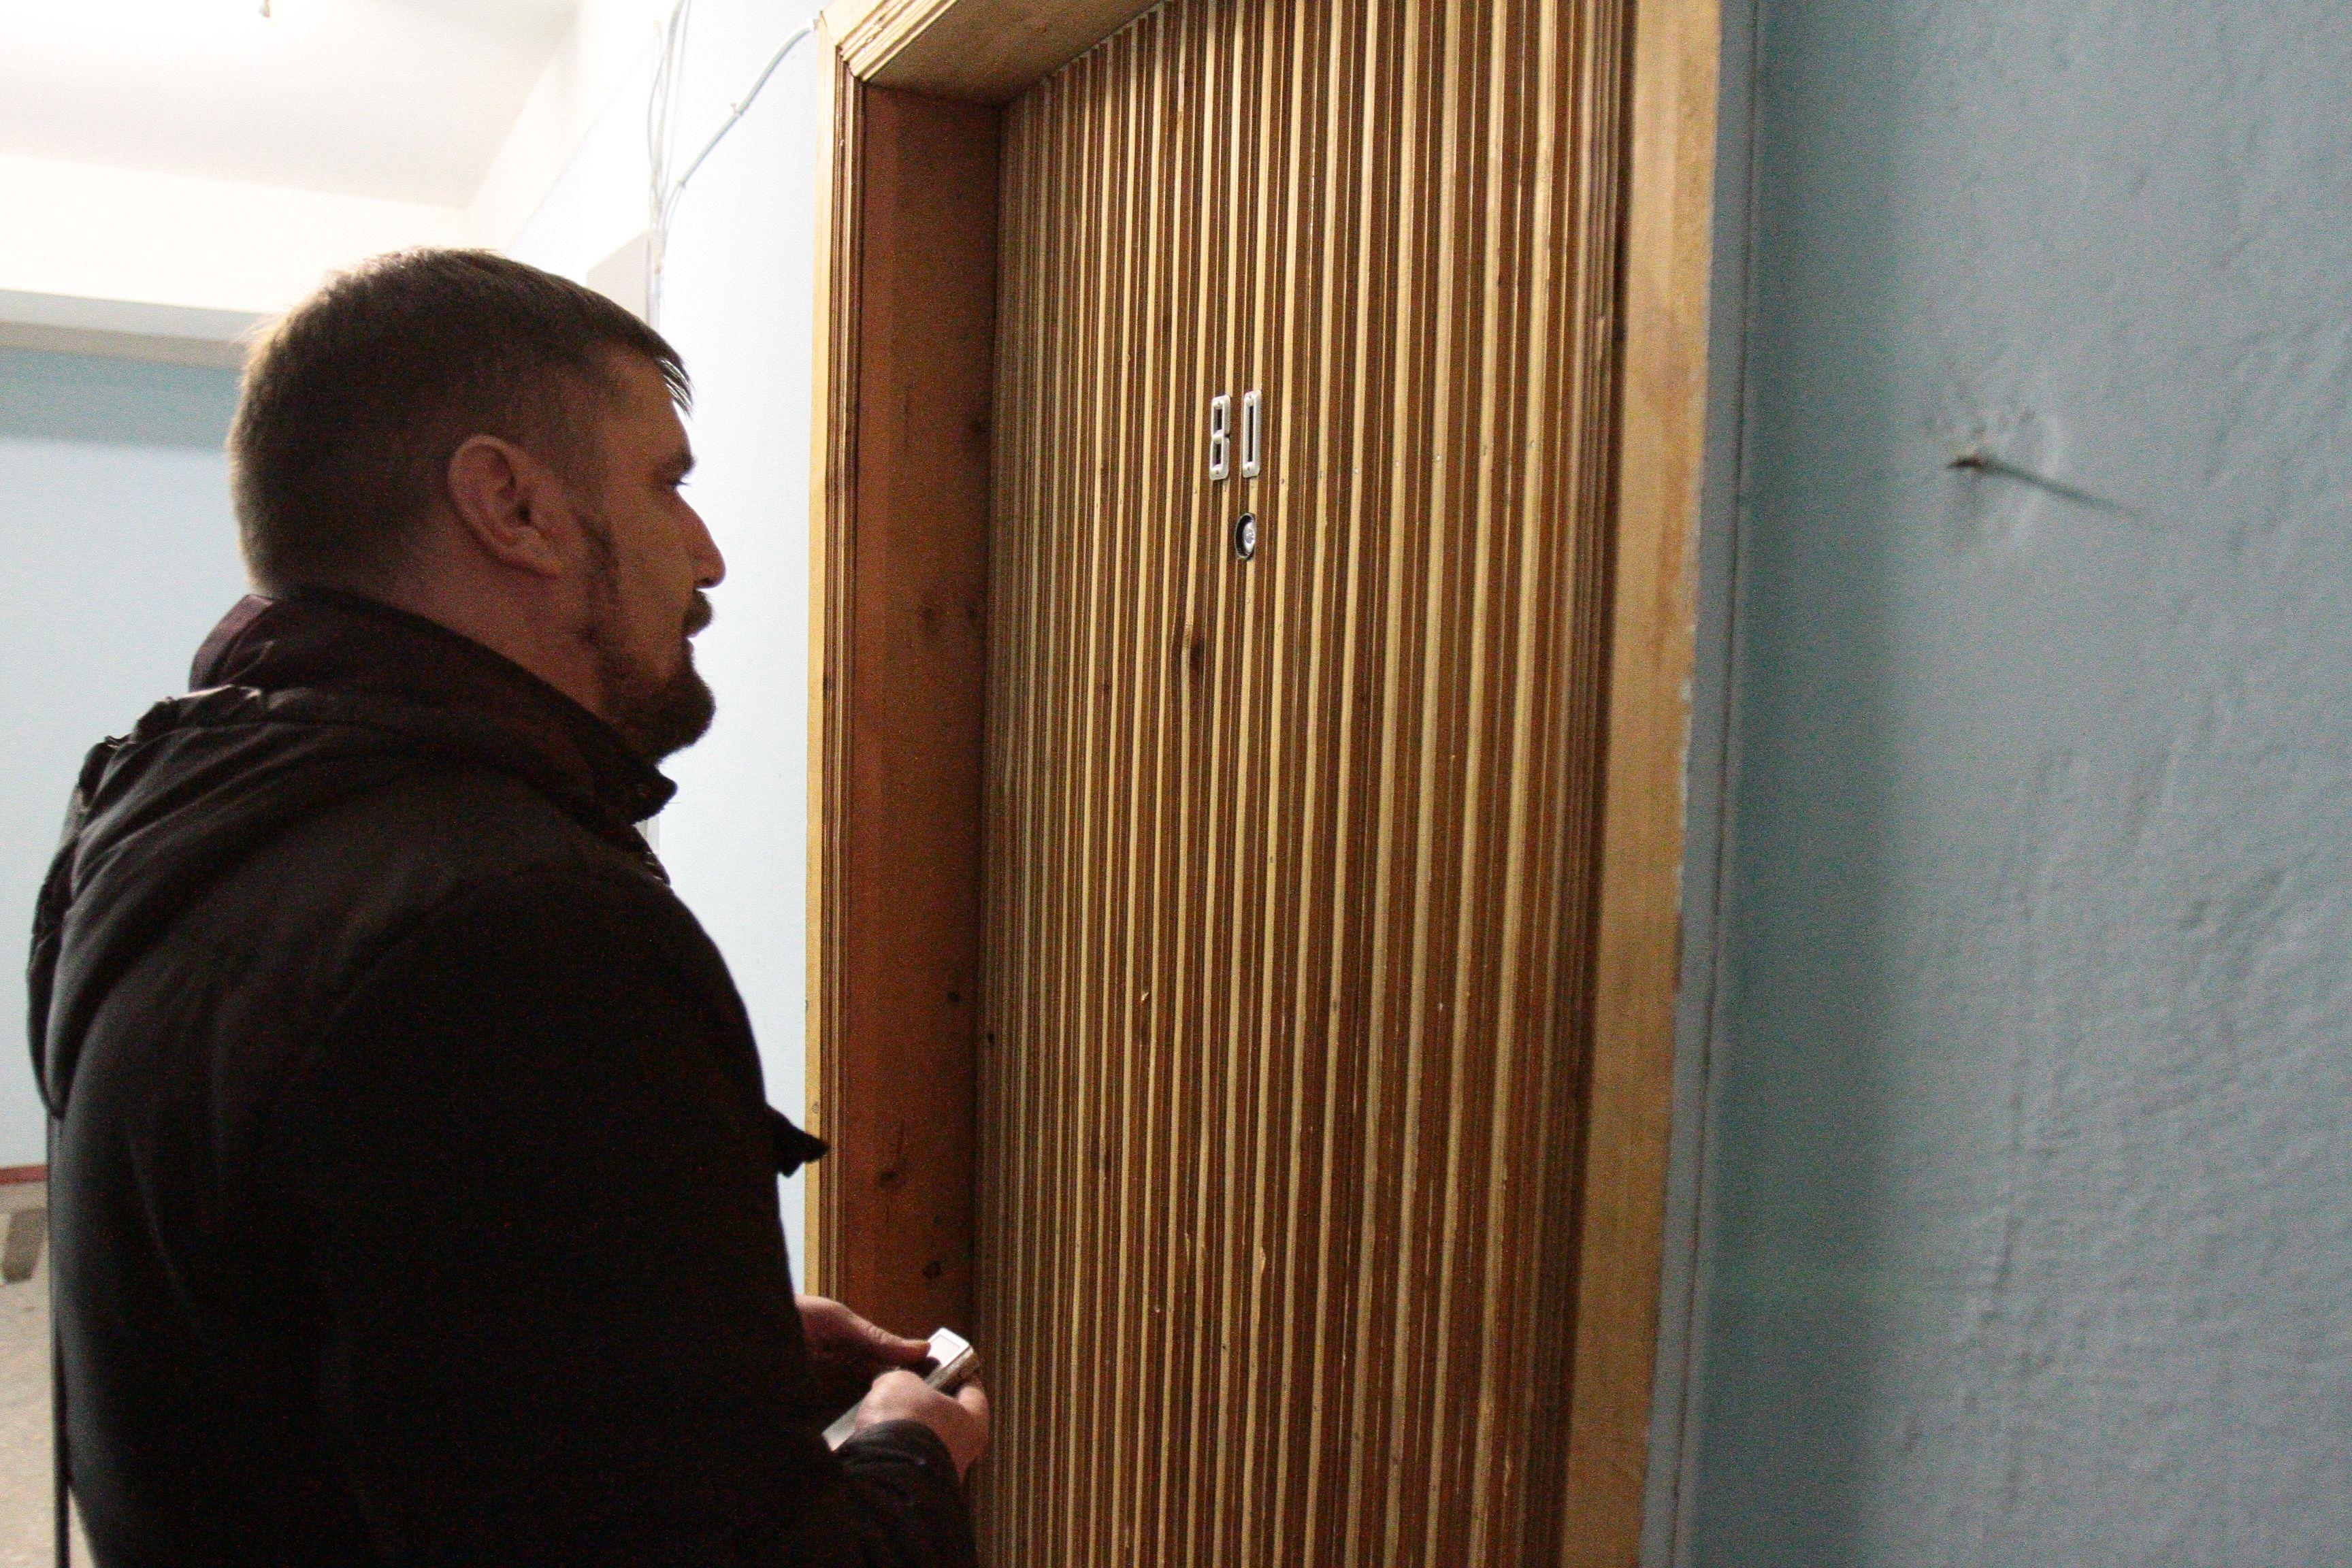 Власти обещают начать проверки квартир украинцев: кого будут проверять и что делать, фото-2